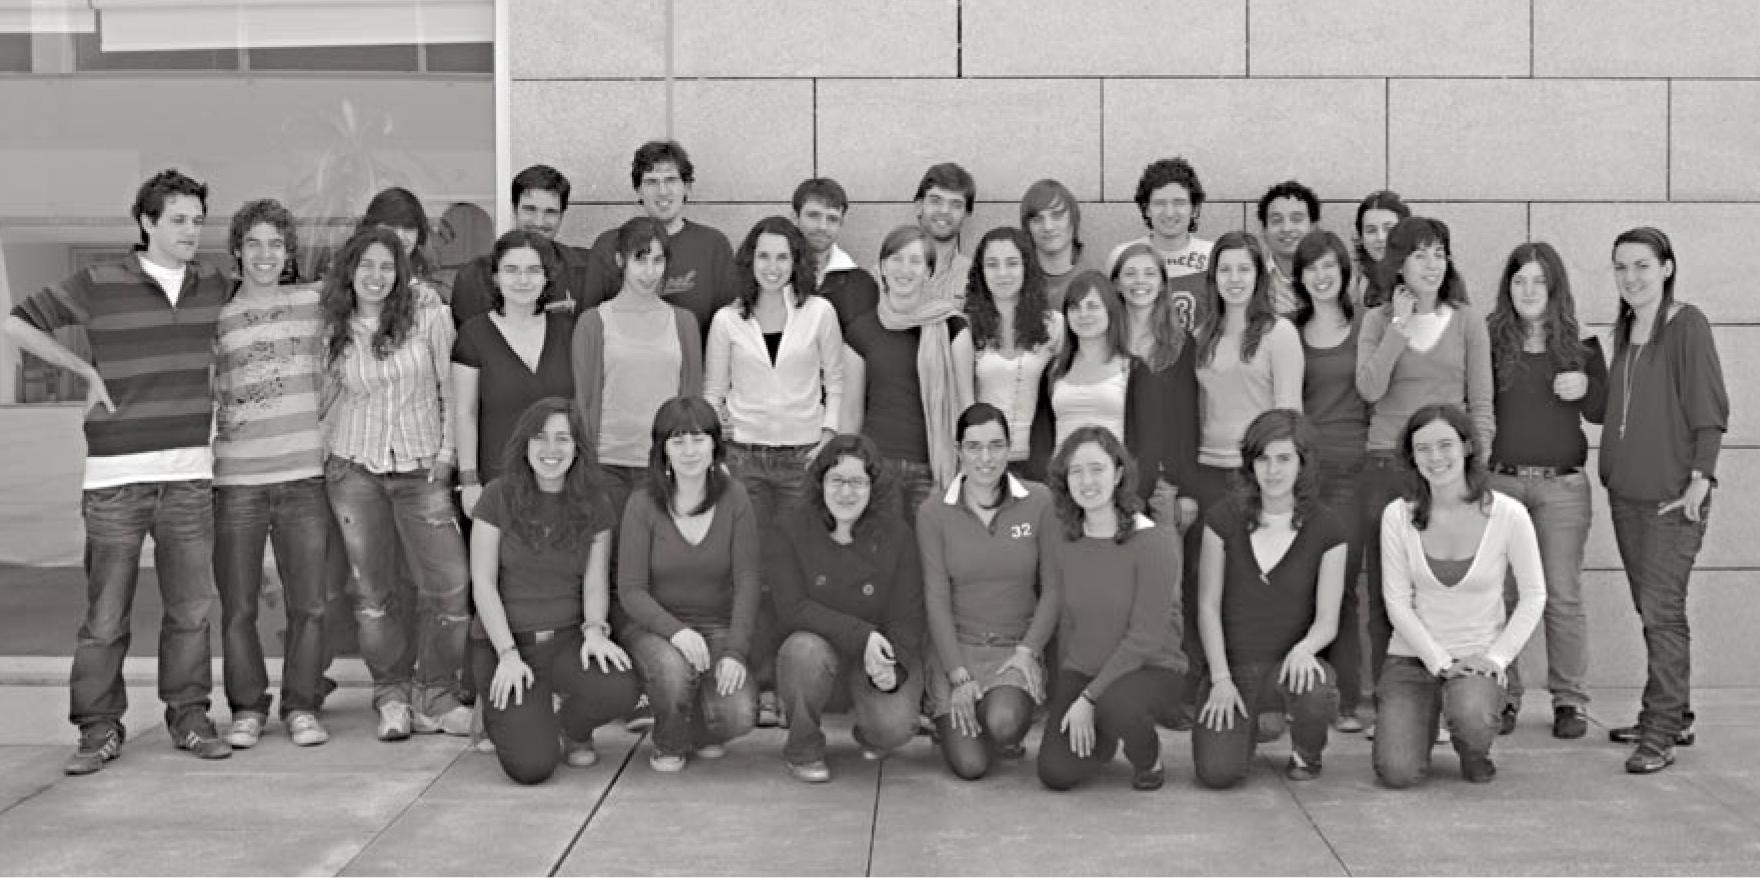 Parte substancial da equipa do ComUM 2007/08. Fotografia publicada na última edição do jornal